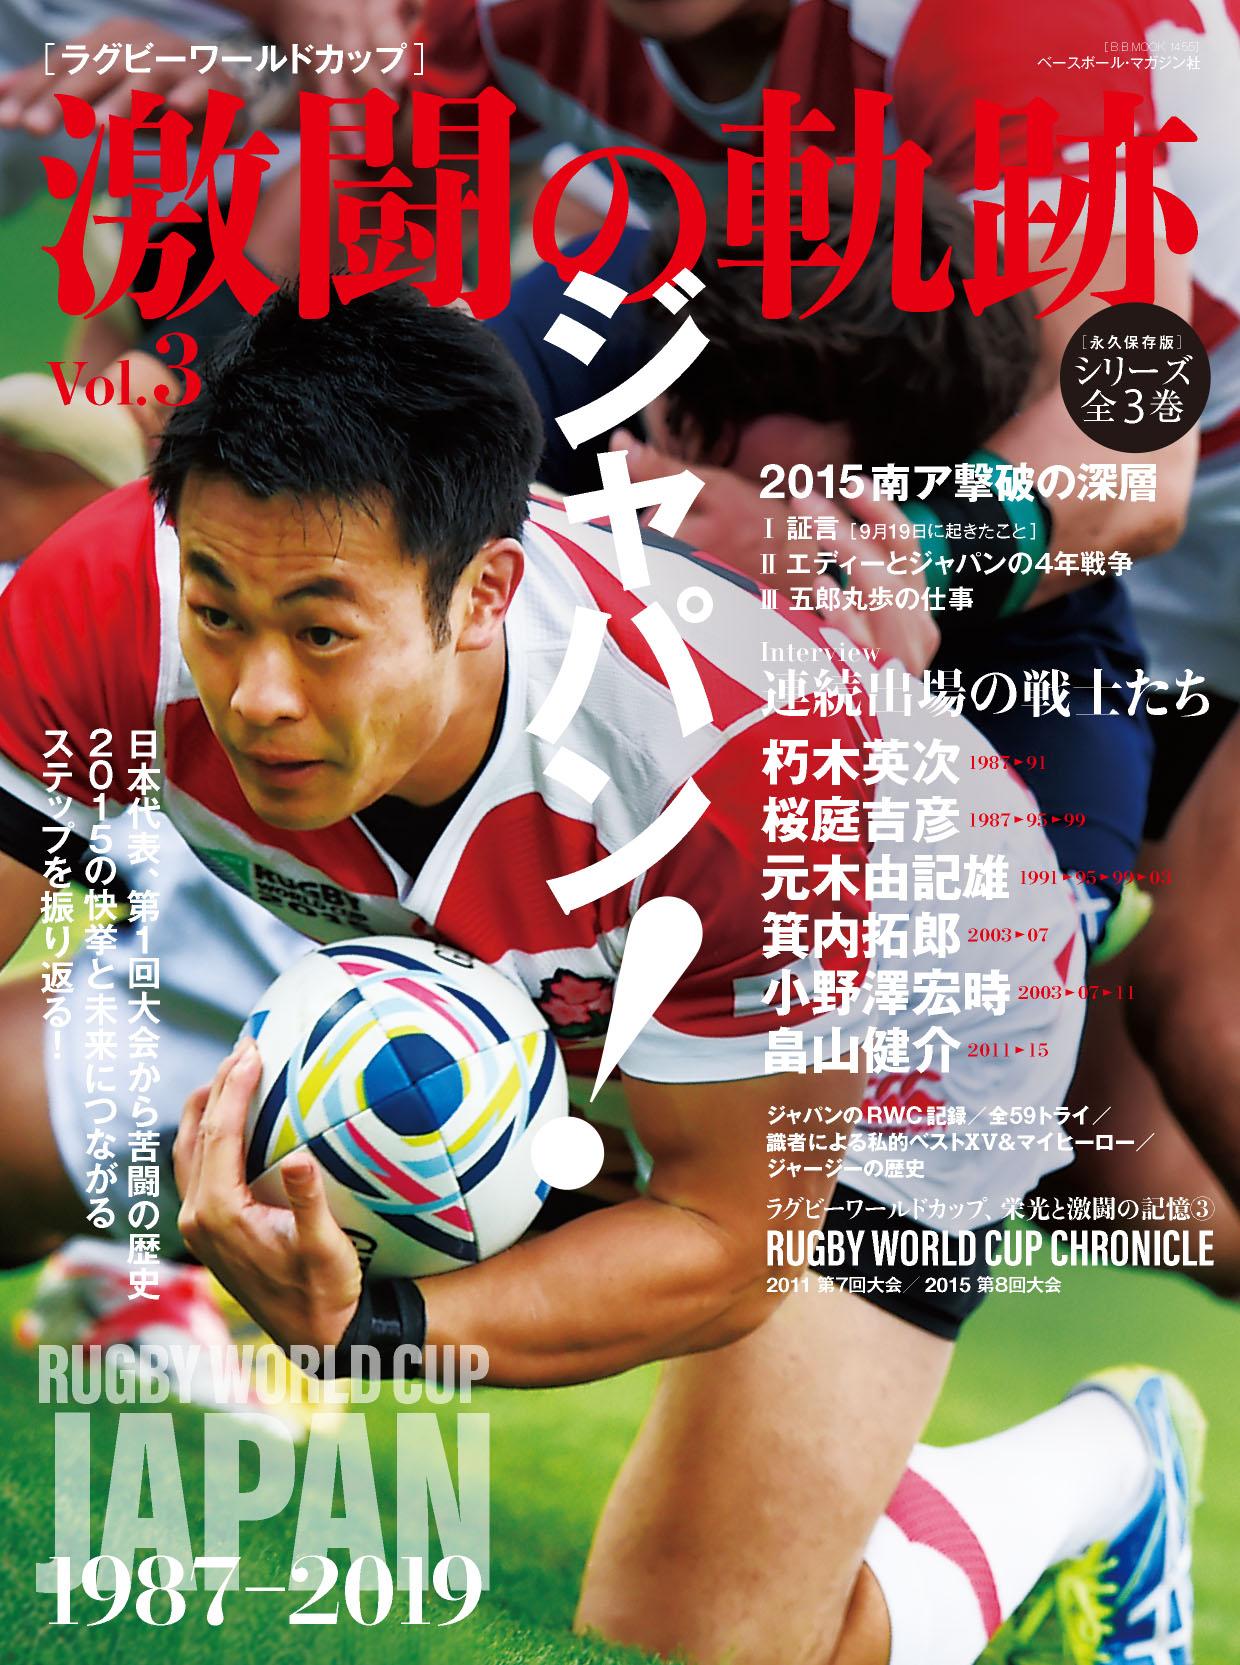 ラグビーワールドカップ 激闘の軌跡 Vol.3